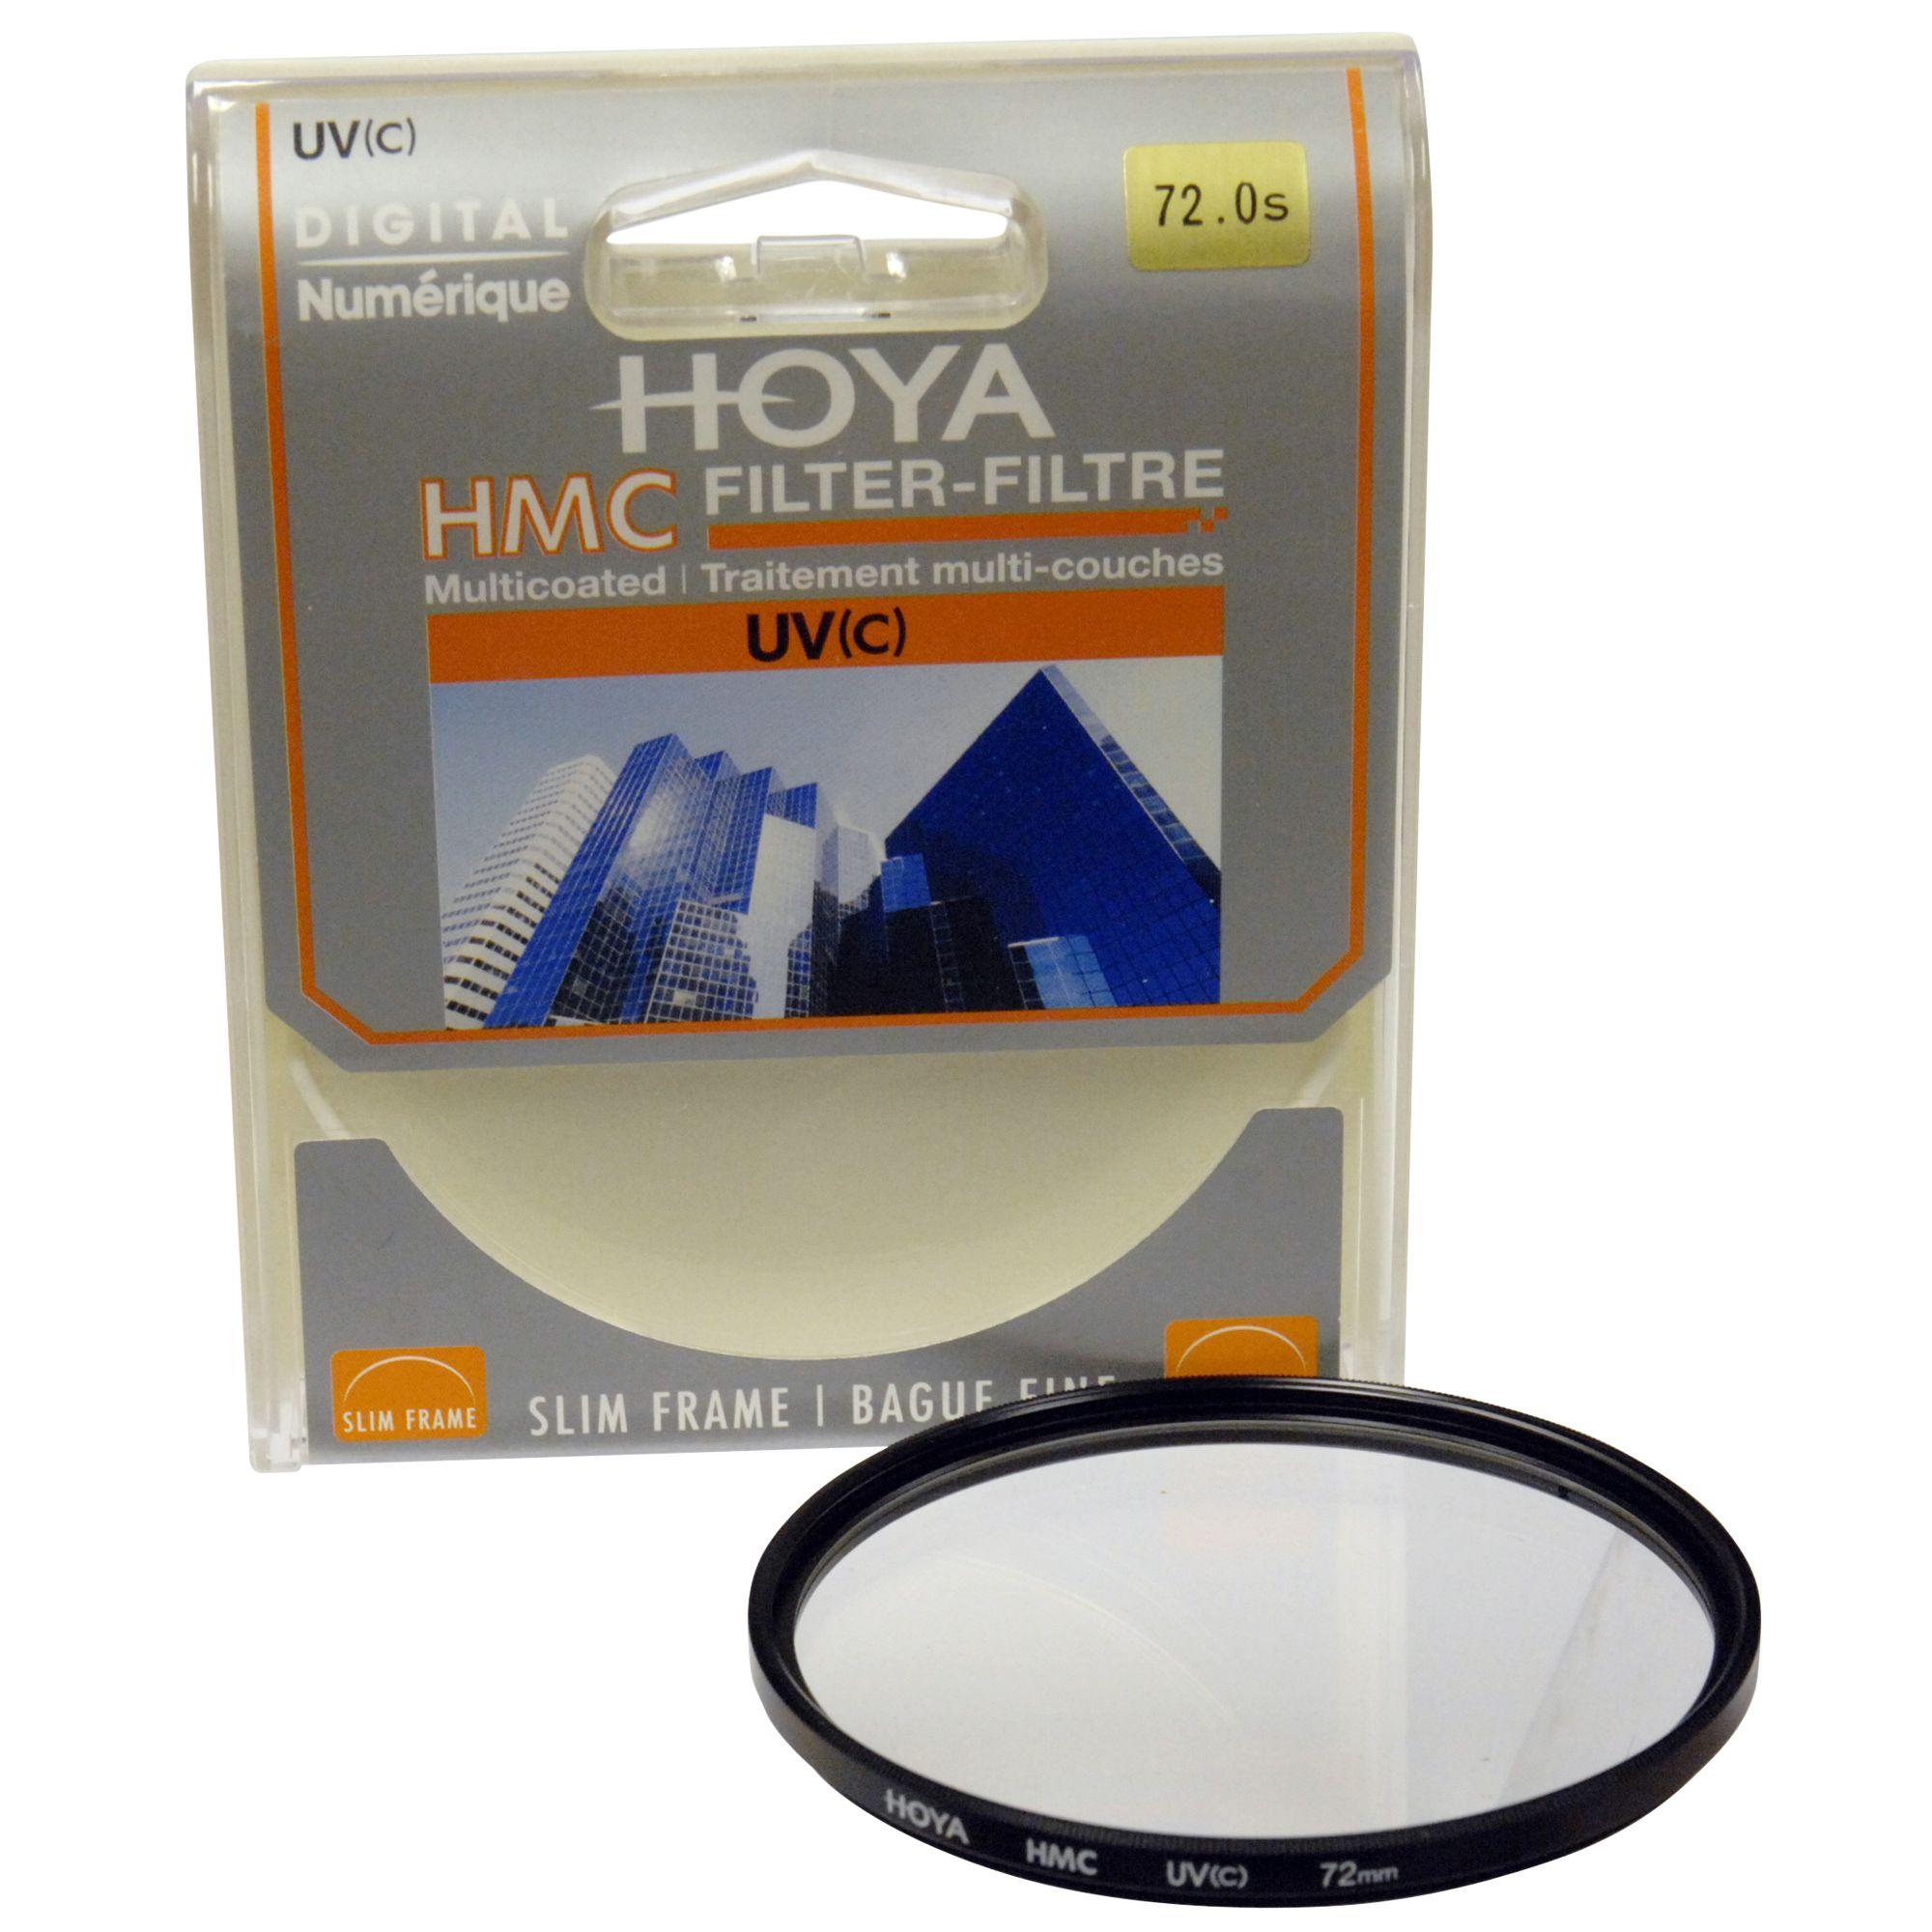 Hoya Hoya UV Lens Filter, 72mm